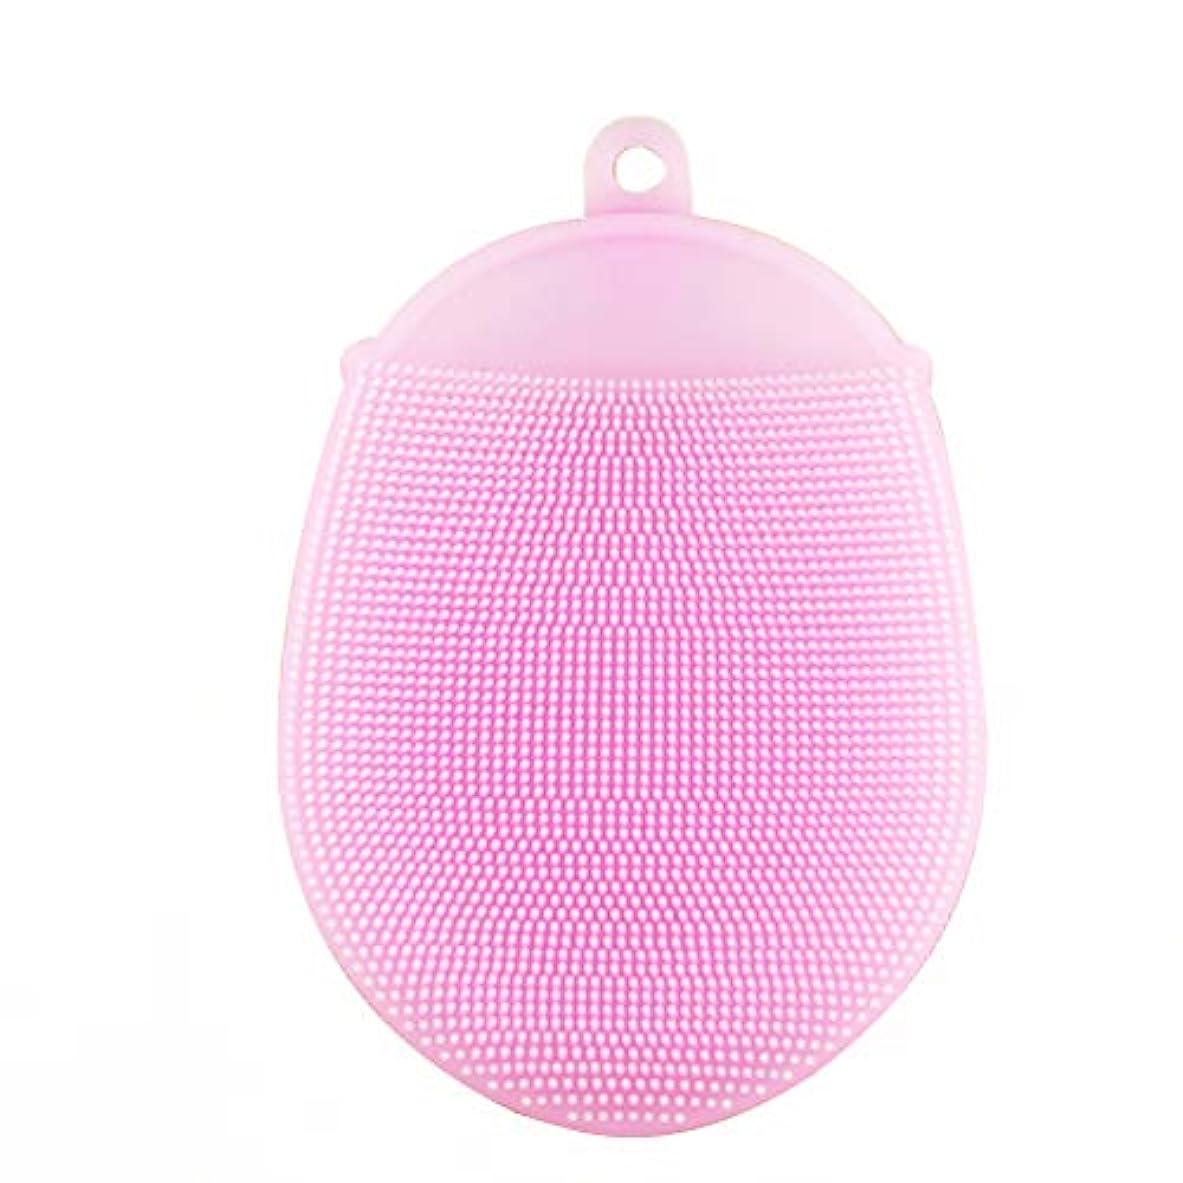 補助動機アウトドアHealifty ボディブラシ2本シリコン入浴ブラシ抗菌シャワースクラバー洗顔パッド(ピンク)